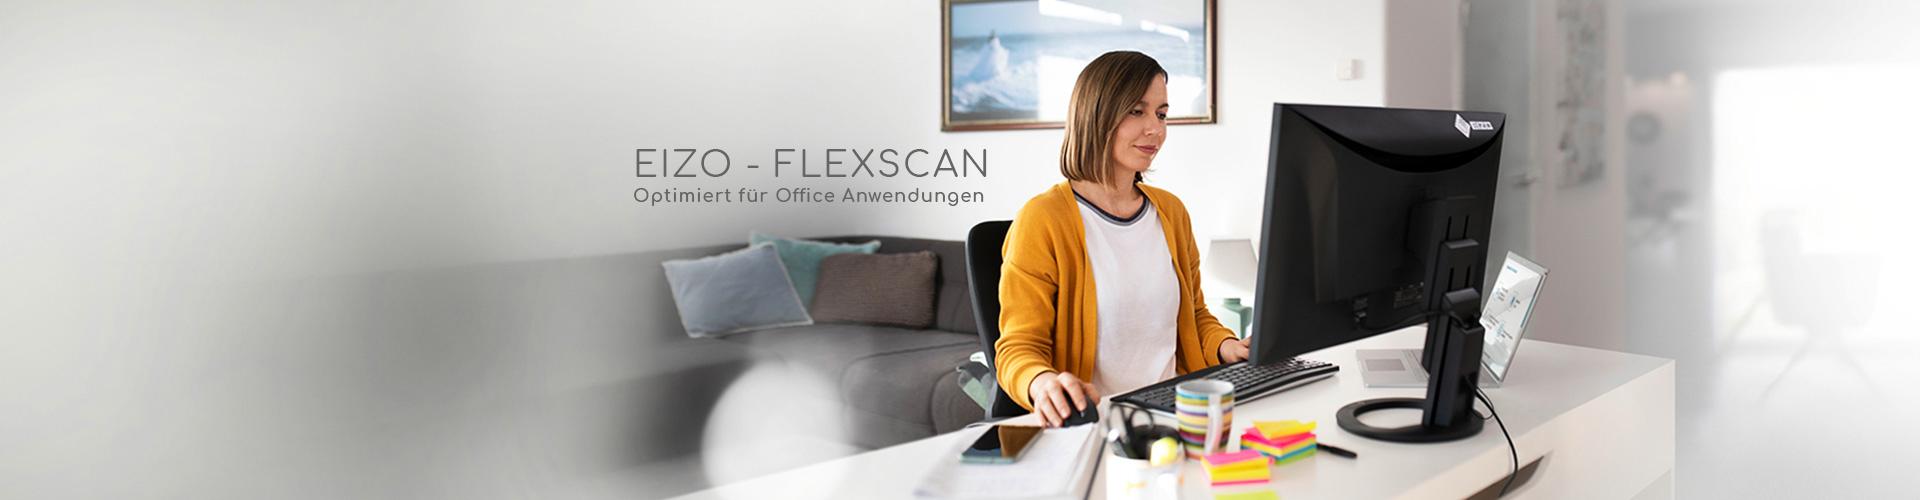 FlexScan